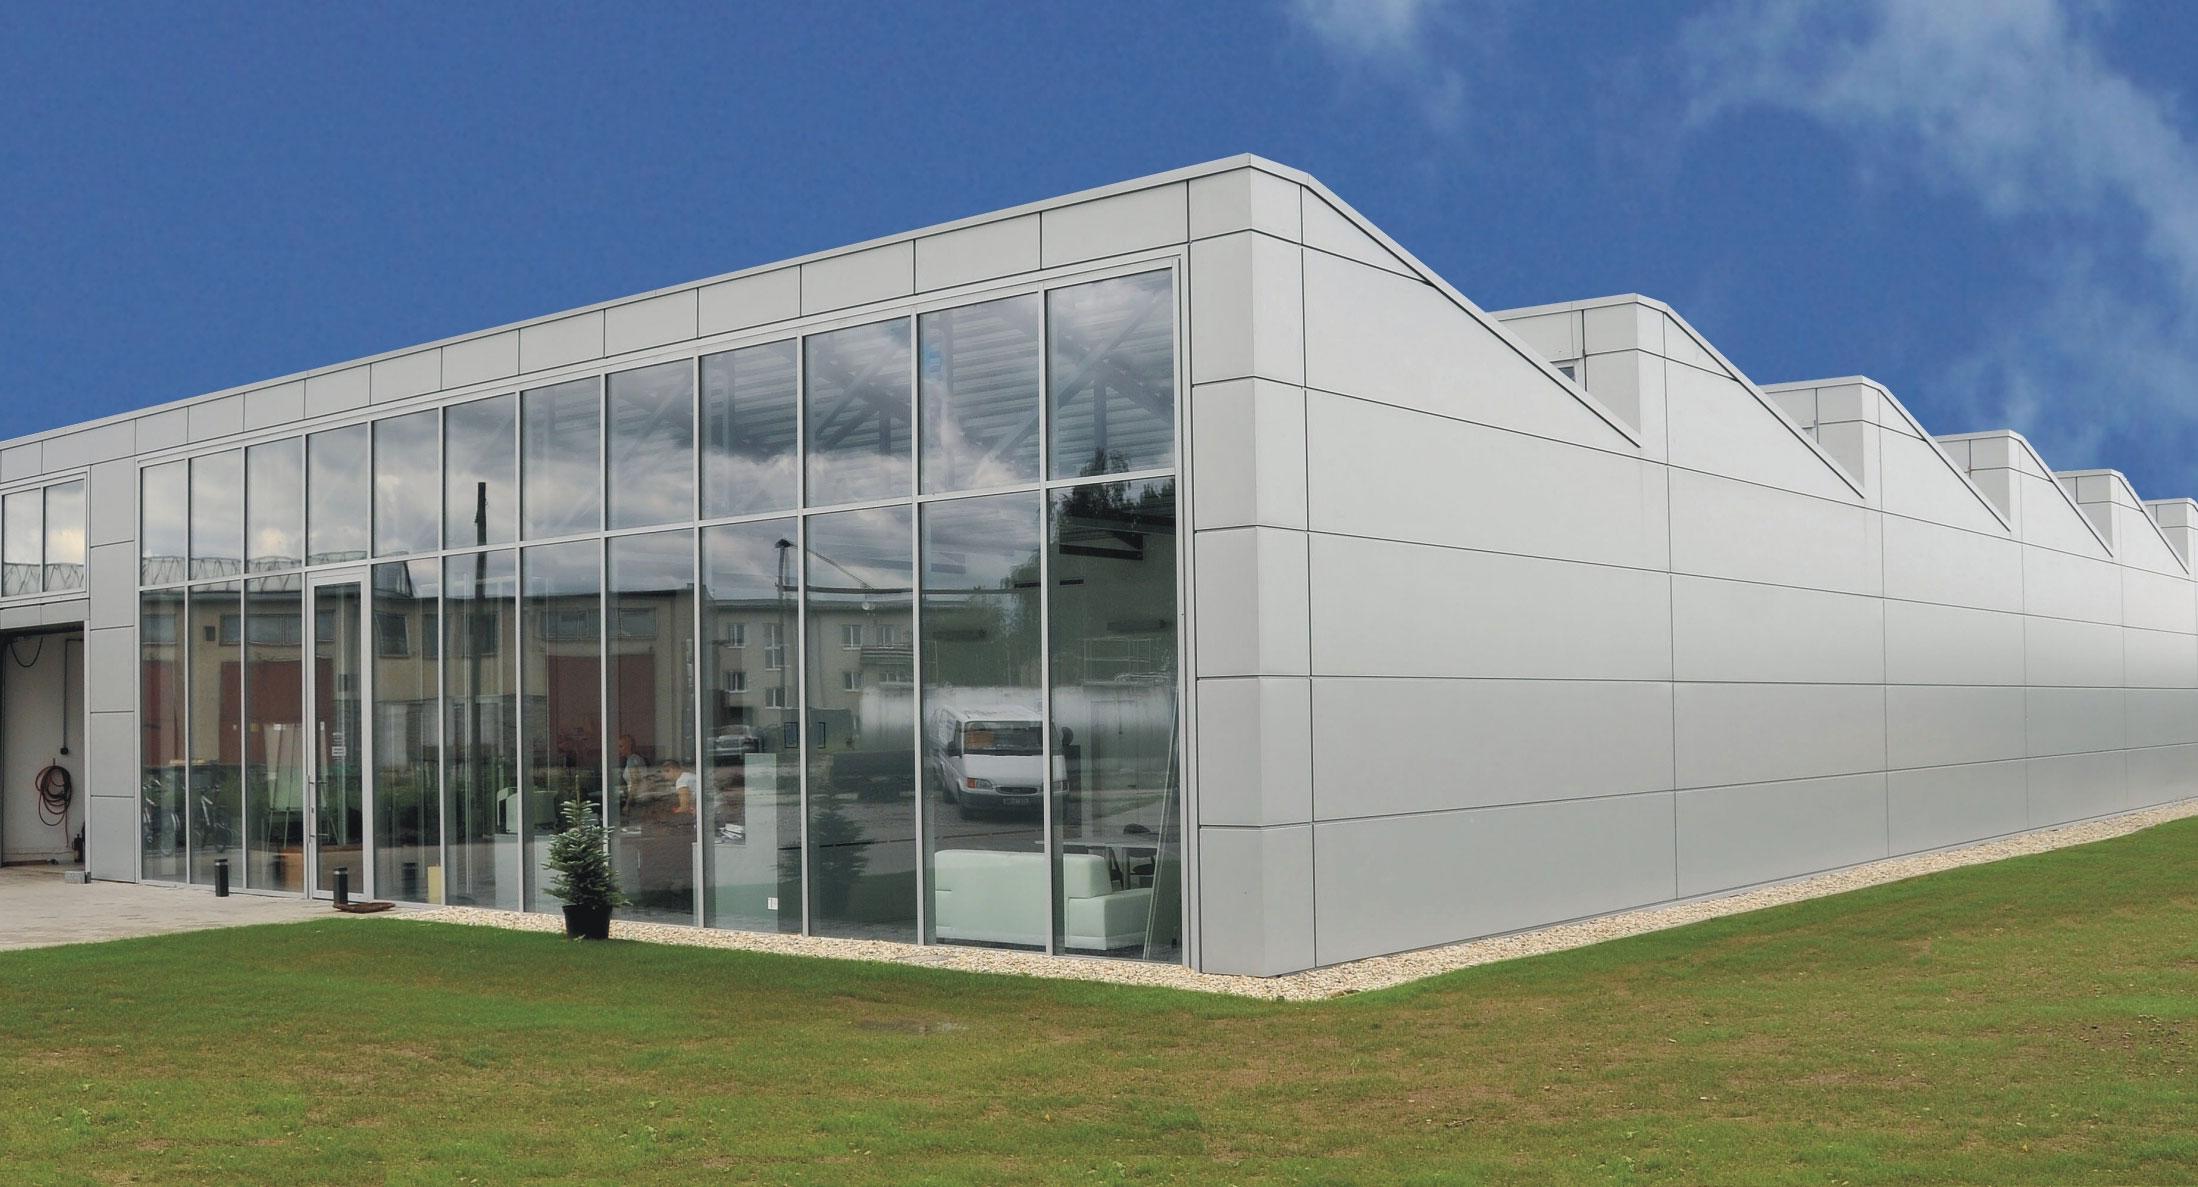 Sport Centre Camarma de Esteruelas